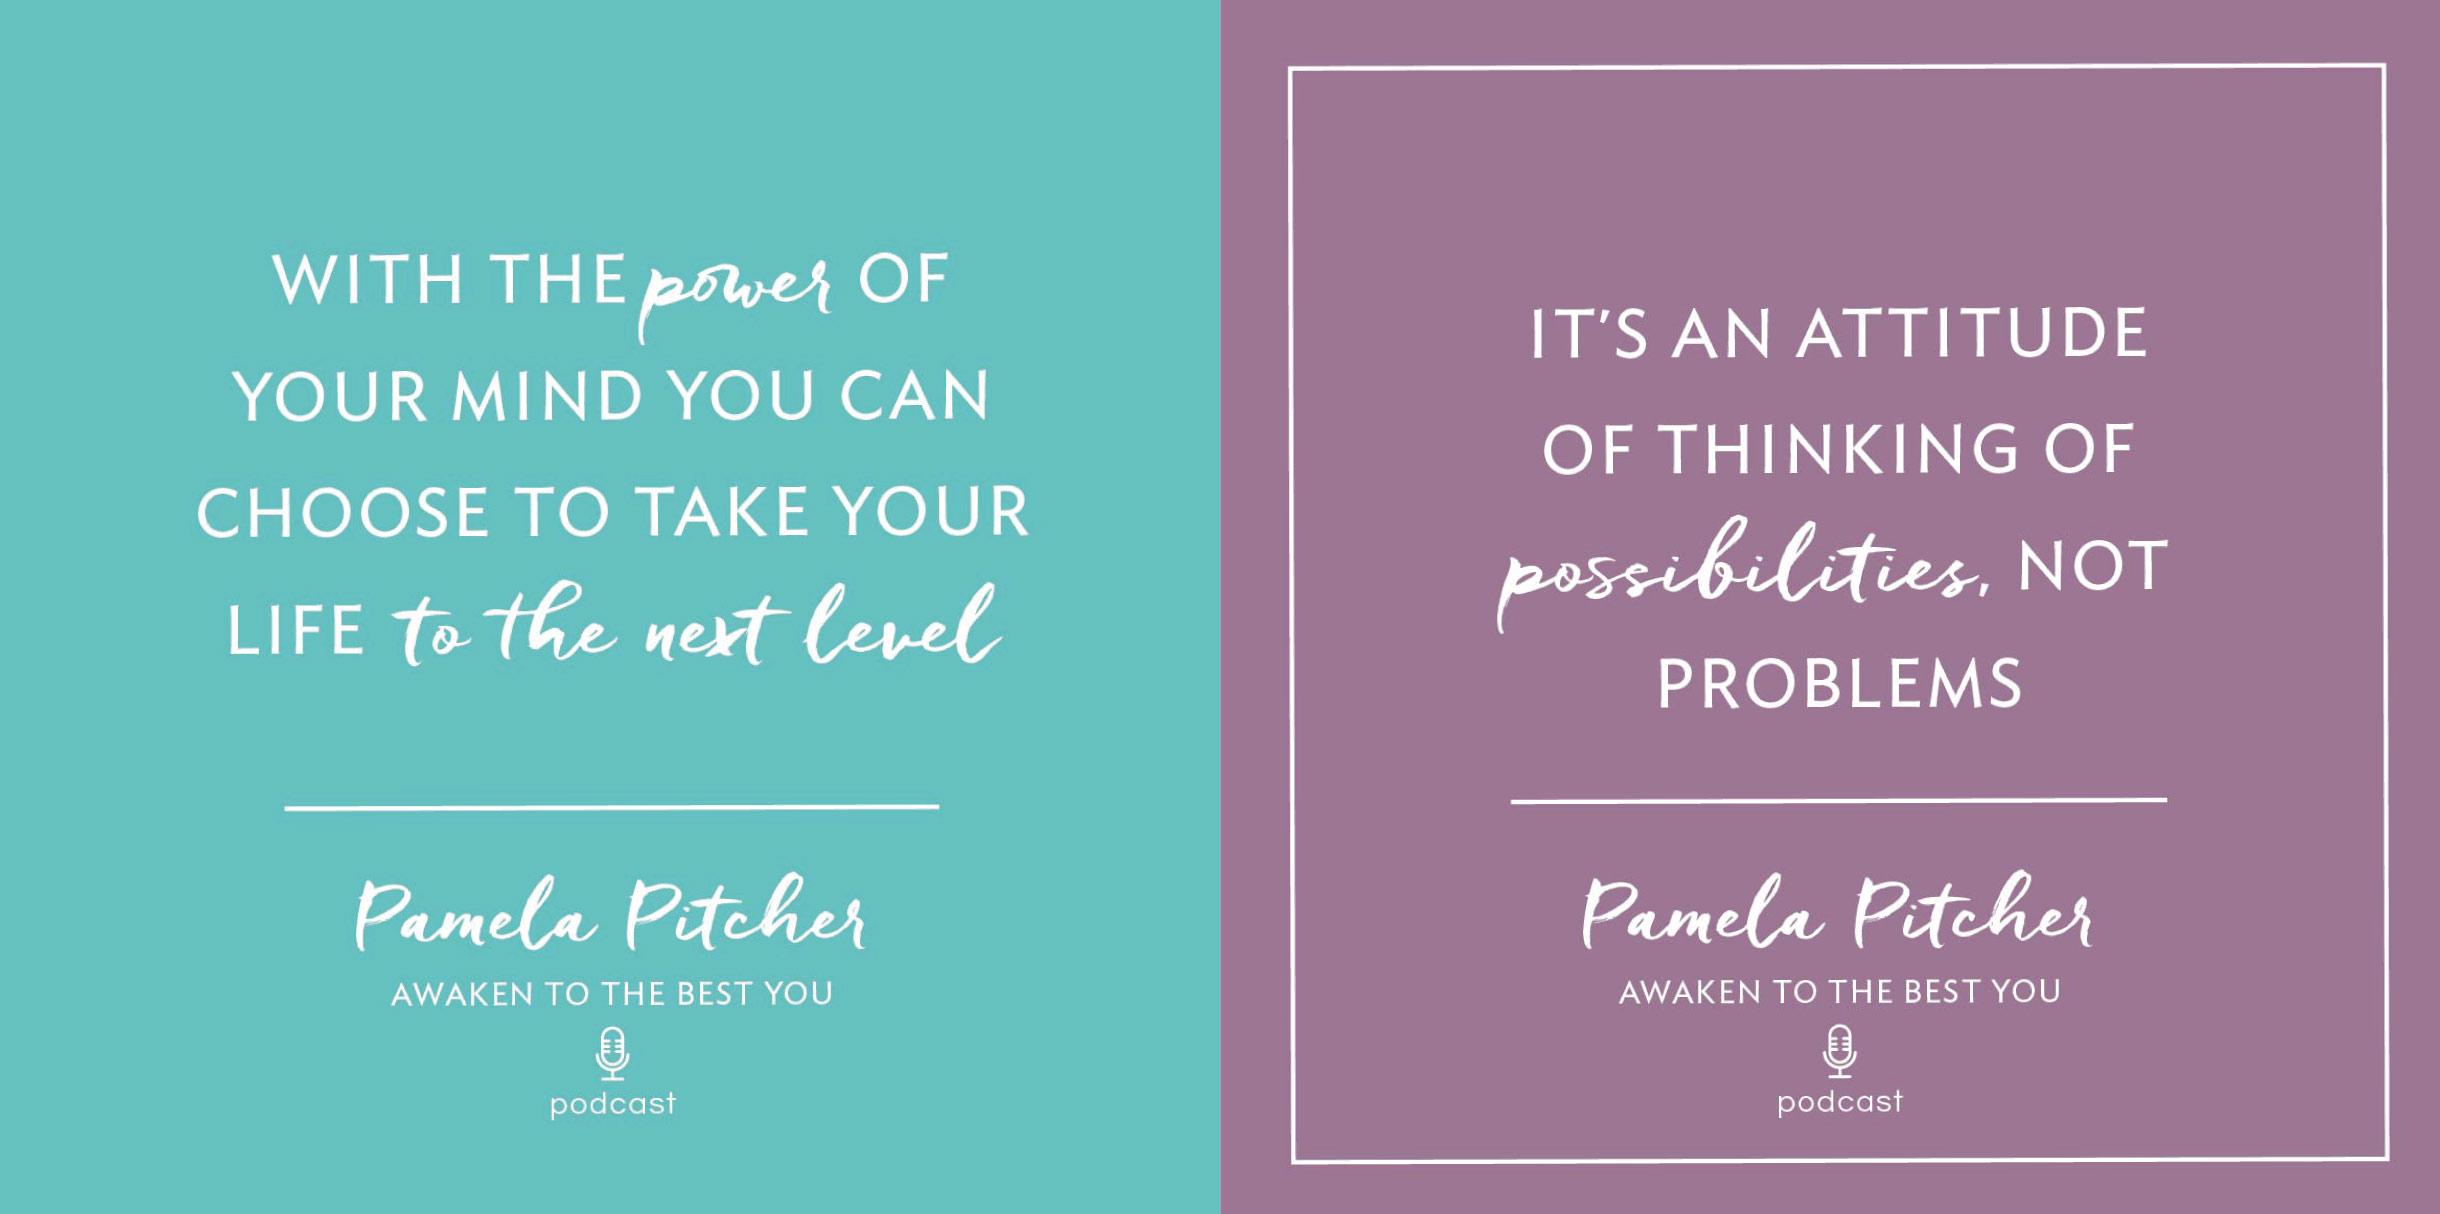 Quints Design co - Portfolio - Pamela Pitcher